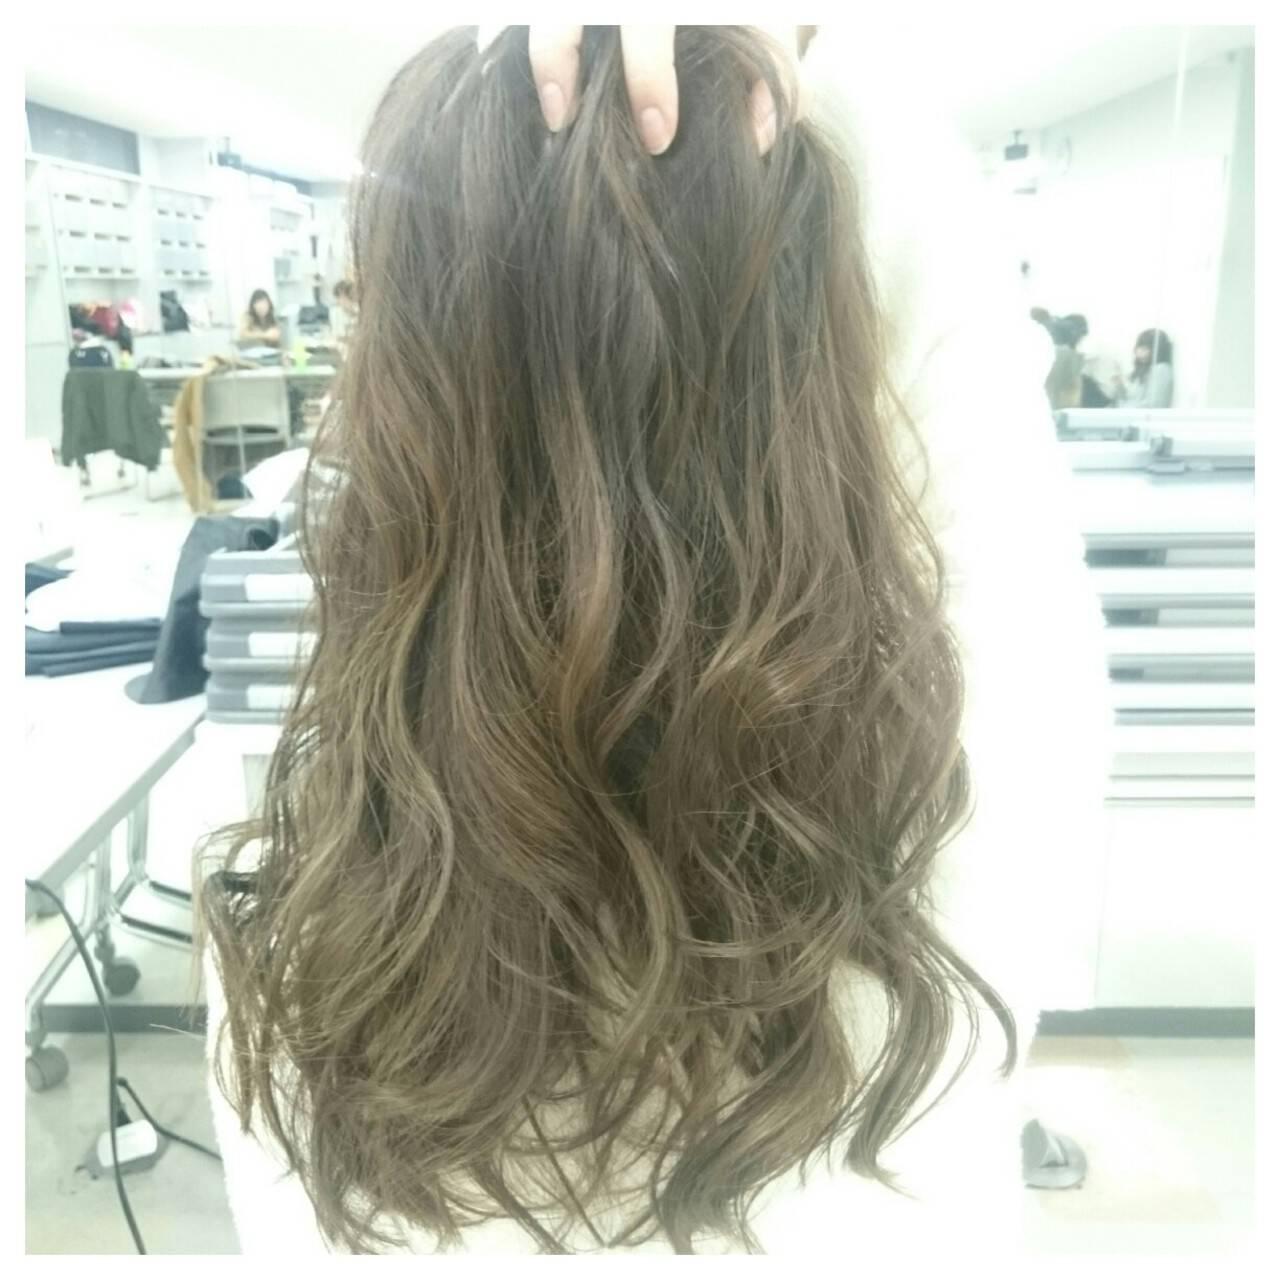 ゆるふわ セミロング ハイライト アッシュヘアスタイルや髪型の写真・画像